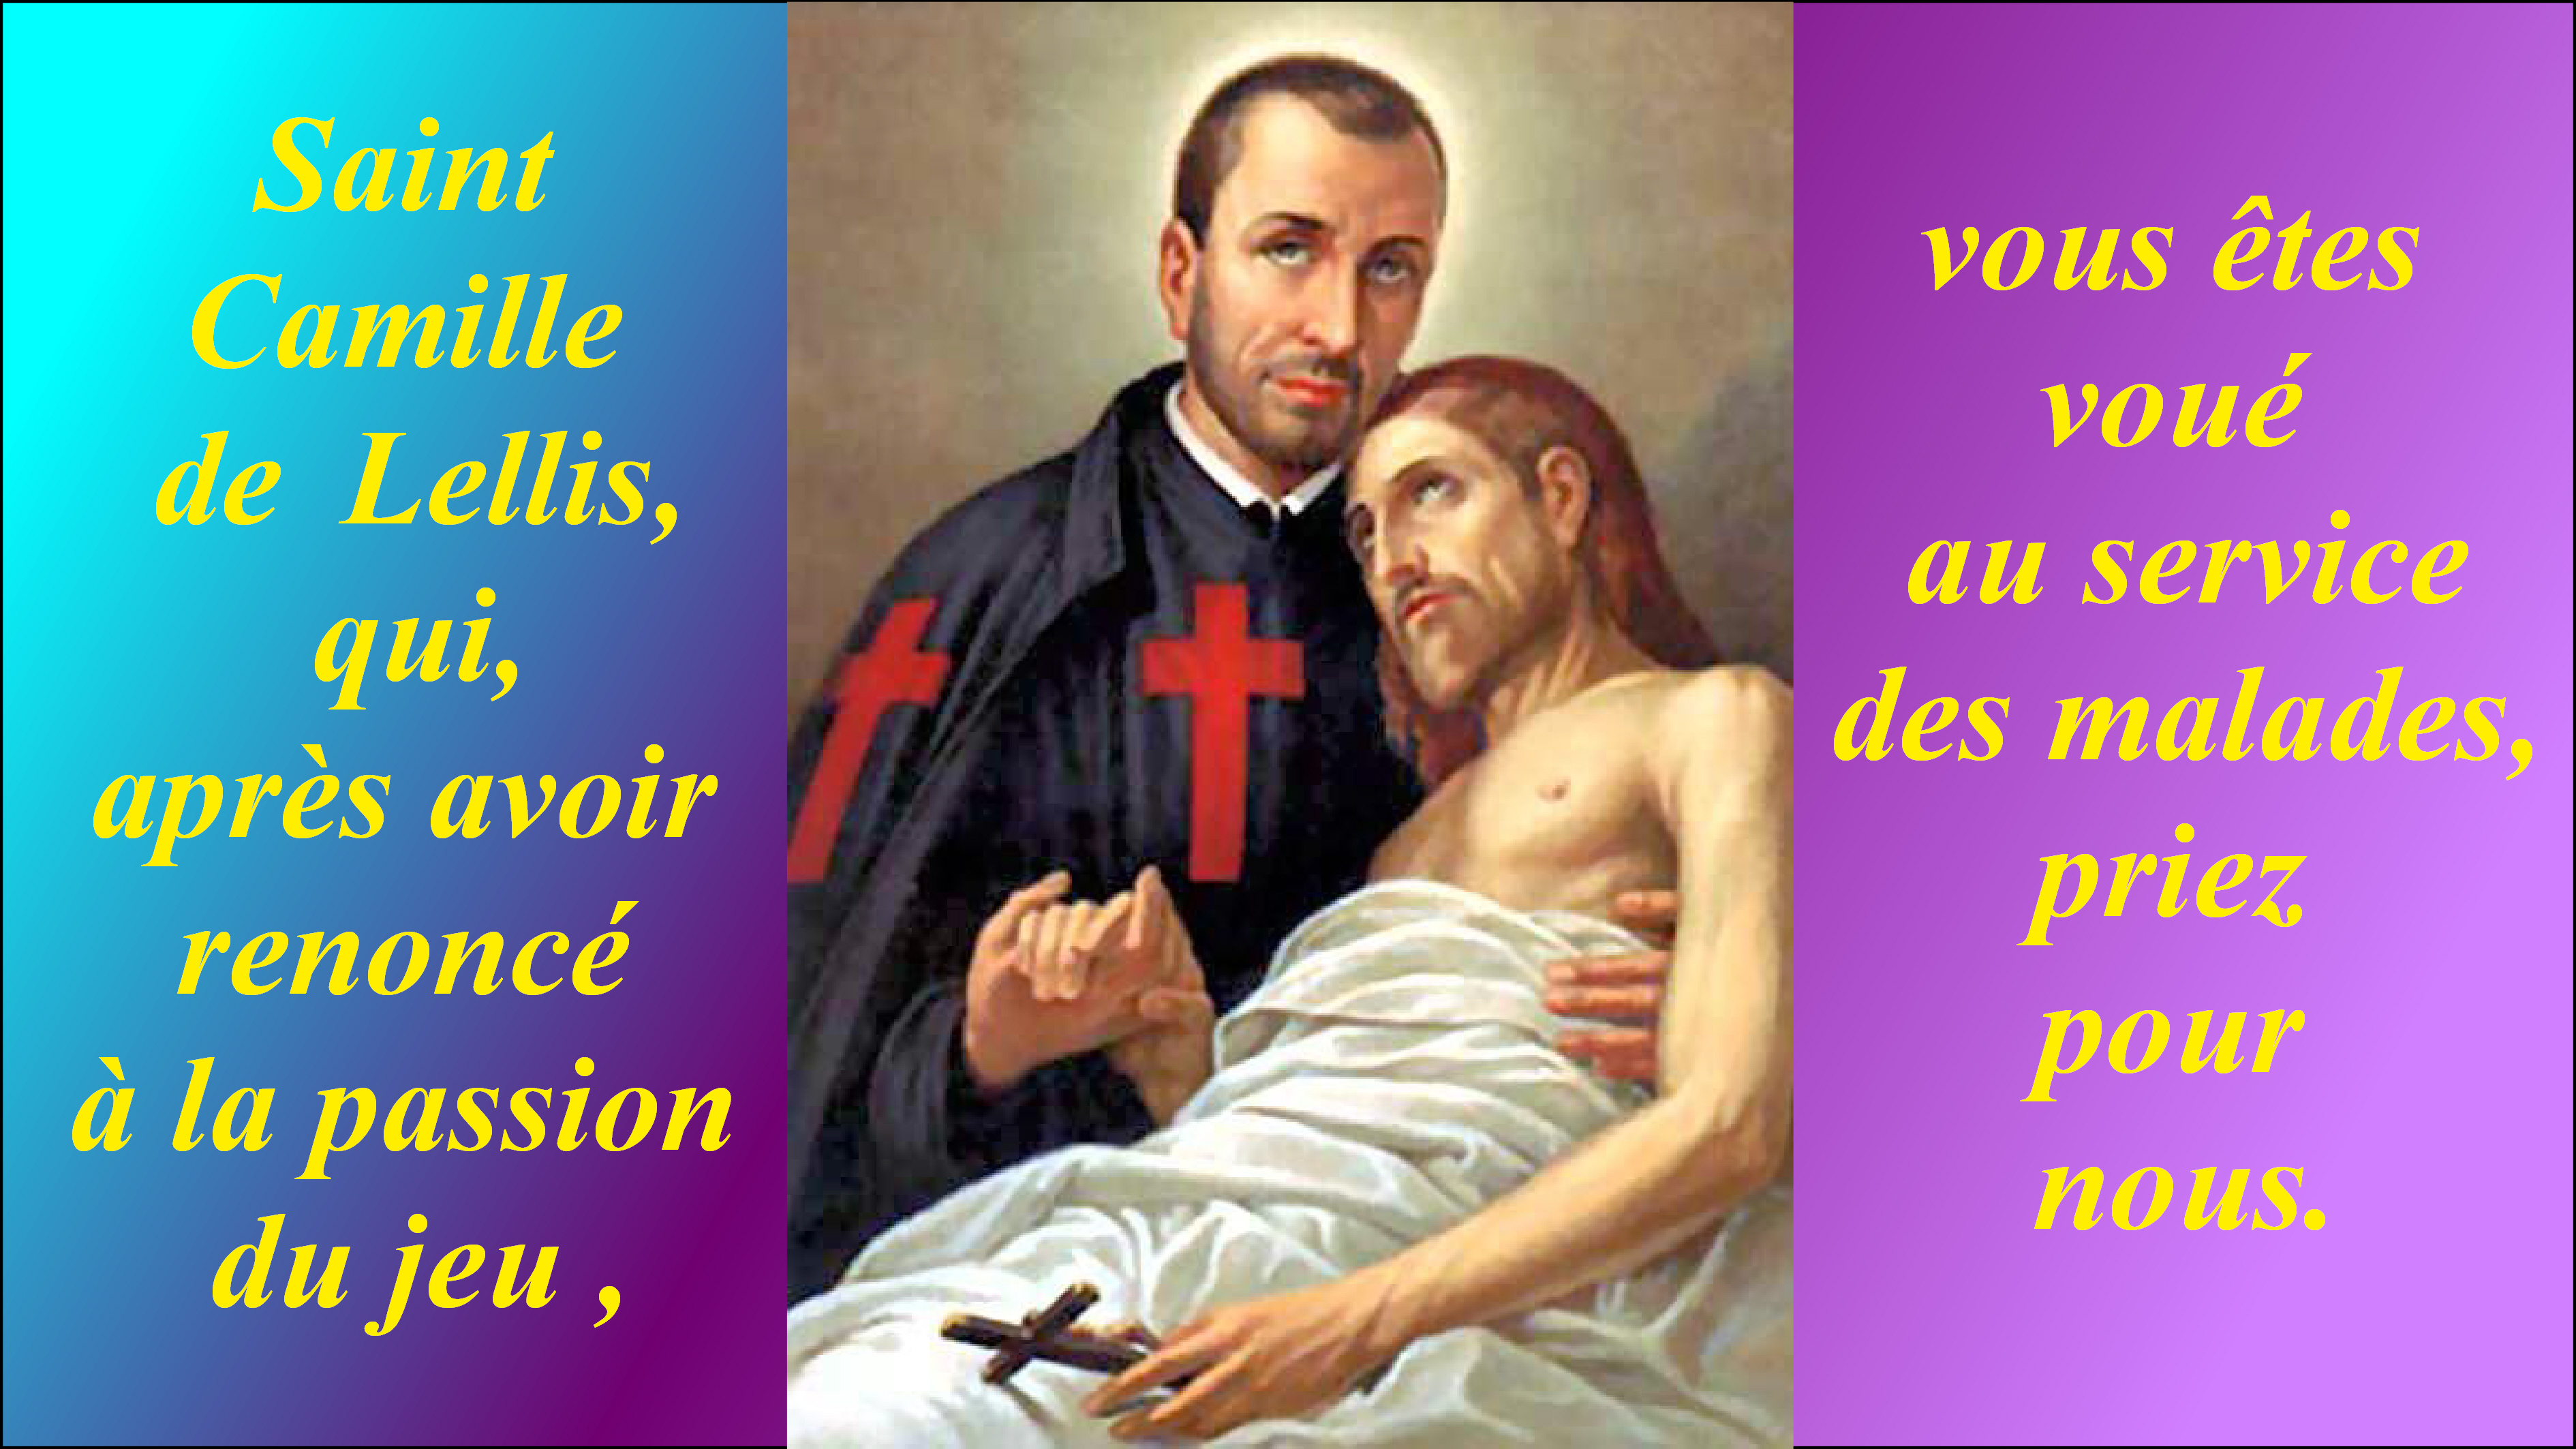 CALENDRIER CATHOLIQUE 2019 (Cantiques, Prières & Images) - Page 3 St-camille-de-lellis-5662c41